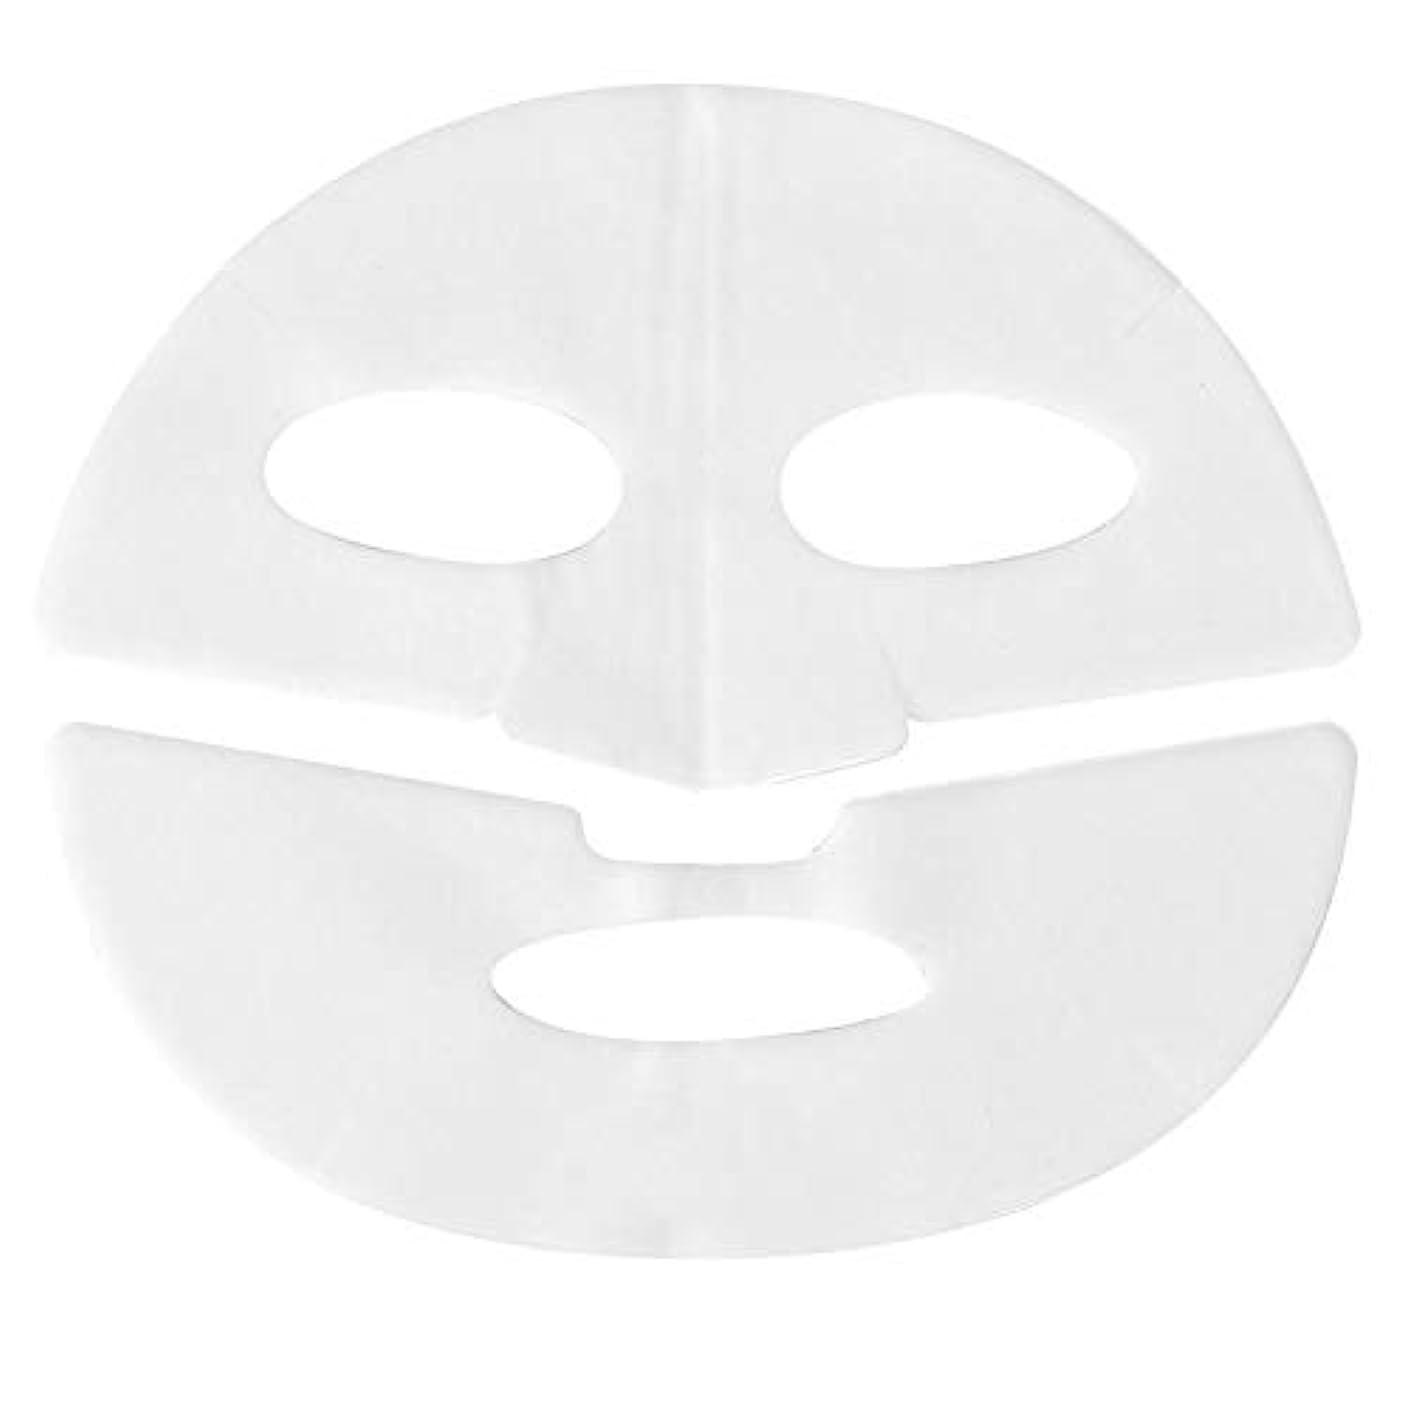 アナウンサー粘性のチート10 PCS痩身マスク - 水分補給用V字型マスク、保湿マスク - 首とあごのリフト、アンチエイジング、しわを軽減